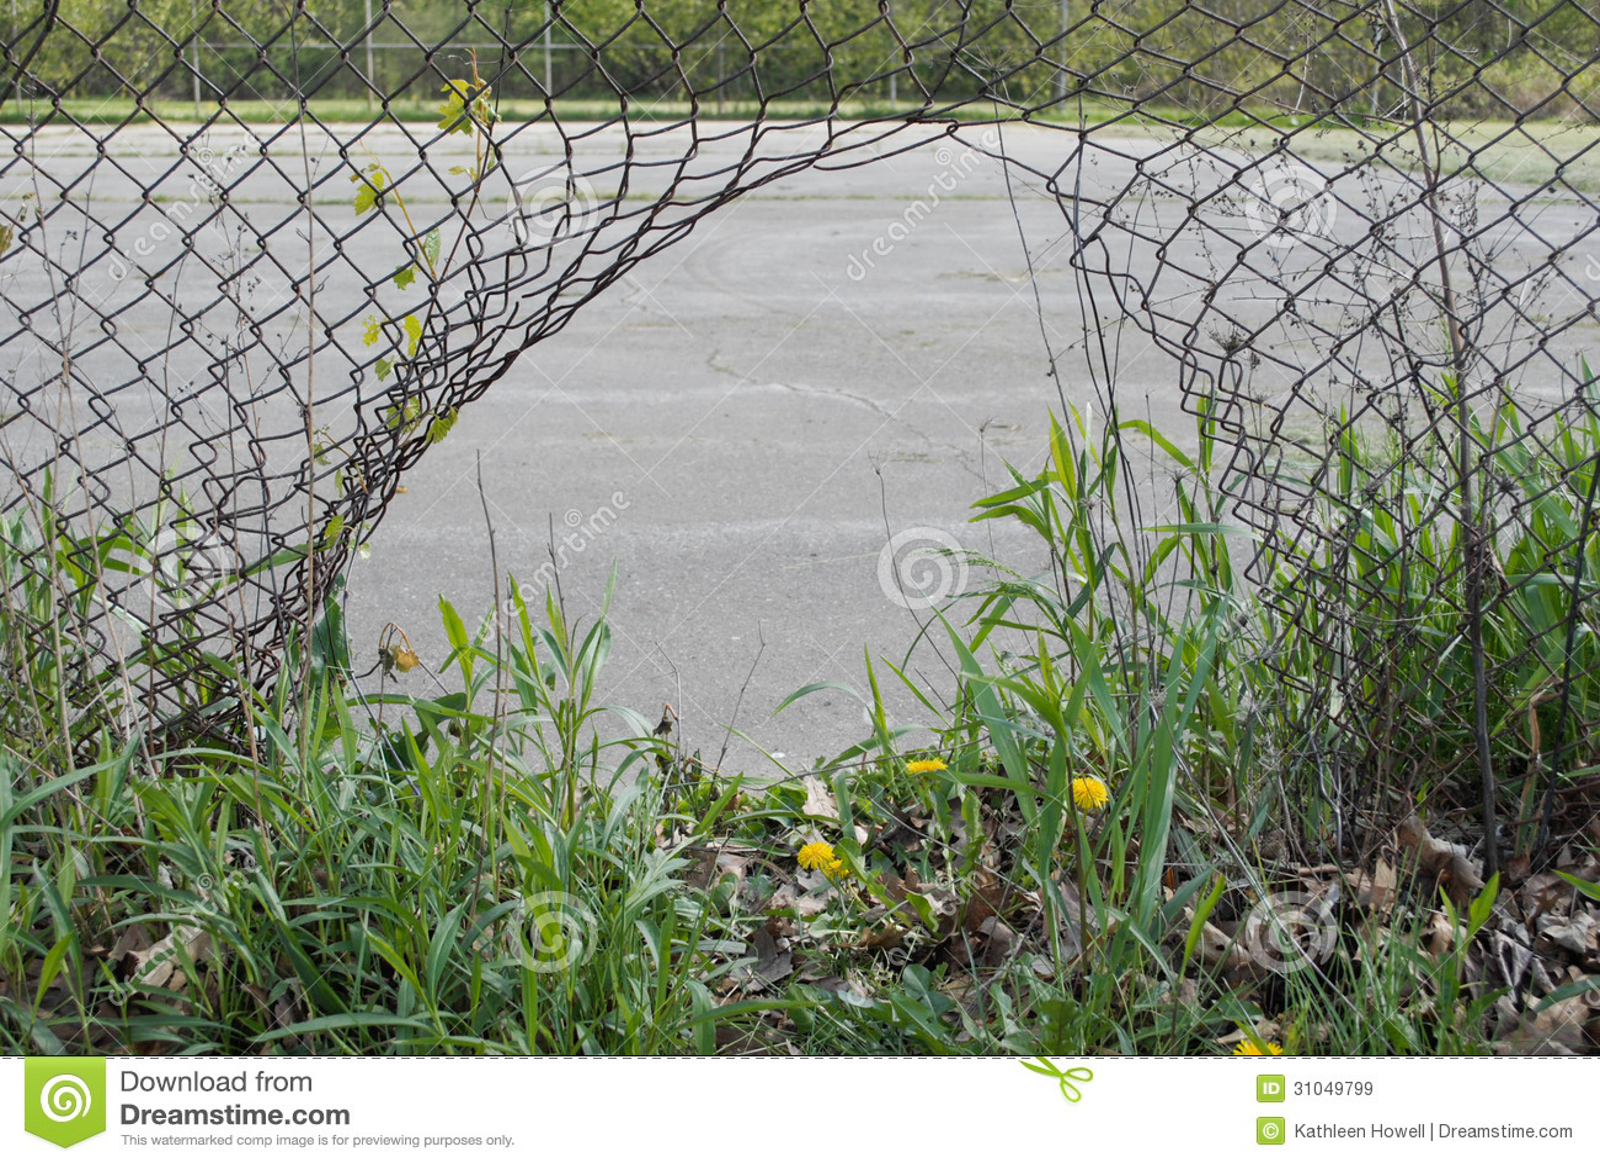 Loch im Zaun. stockbild. Bild von tennis, überwuchert - 31049799